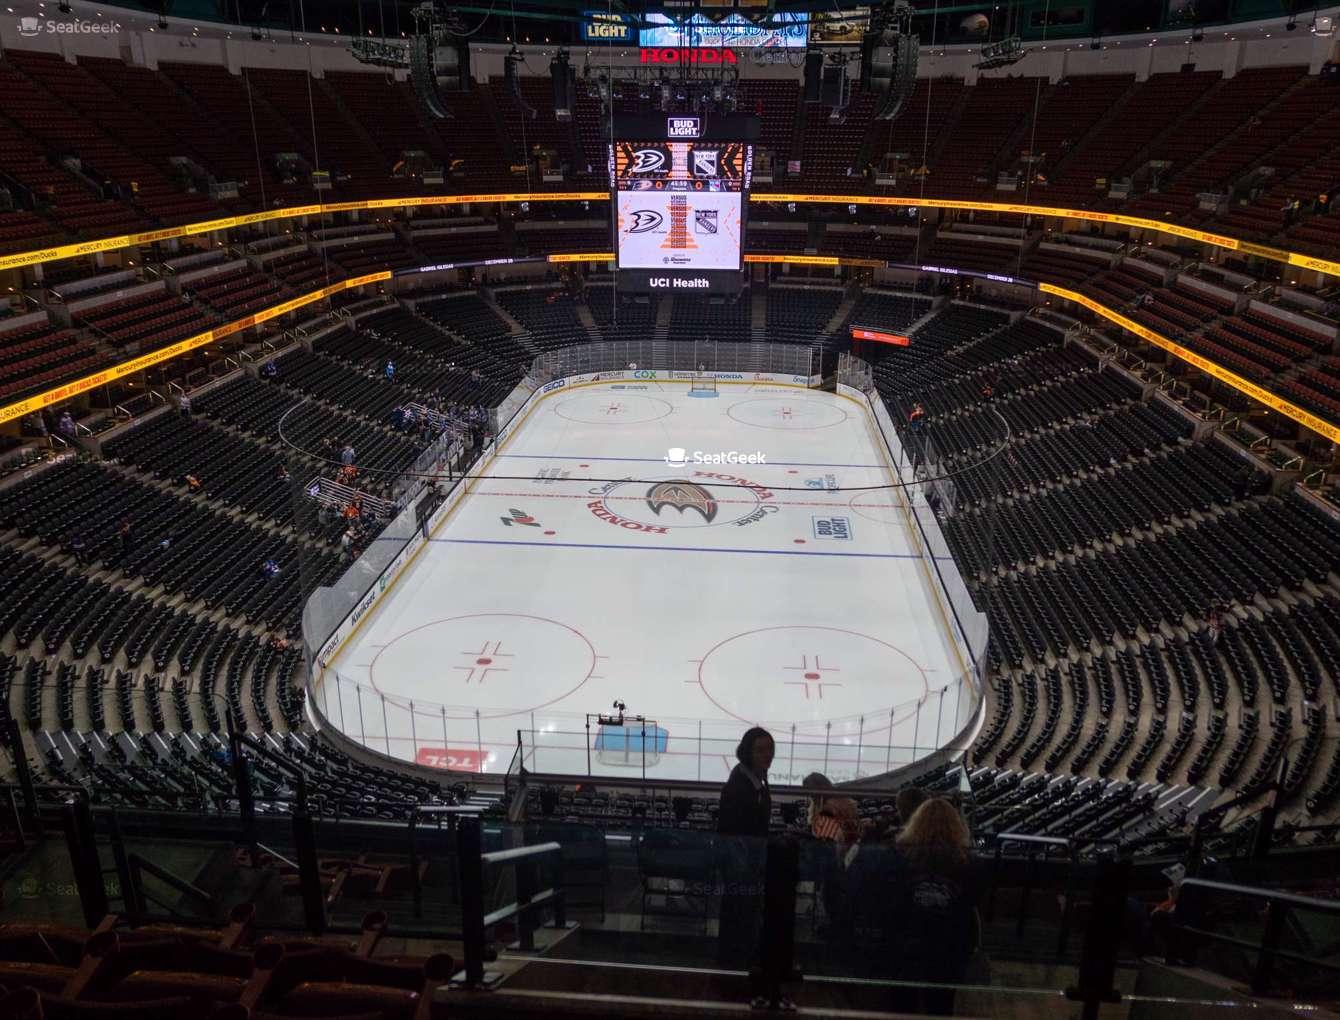 Inside the Honda Center